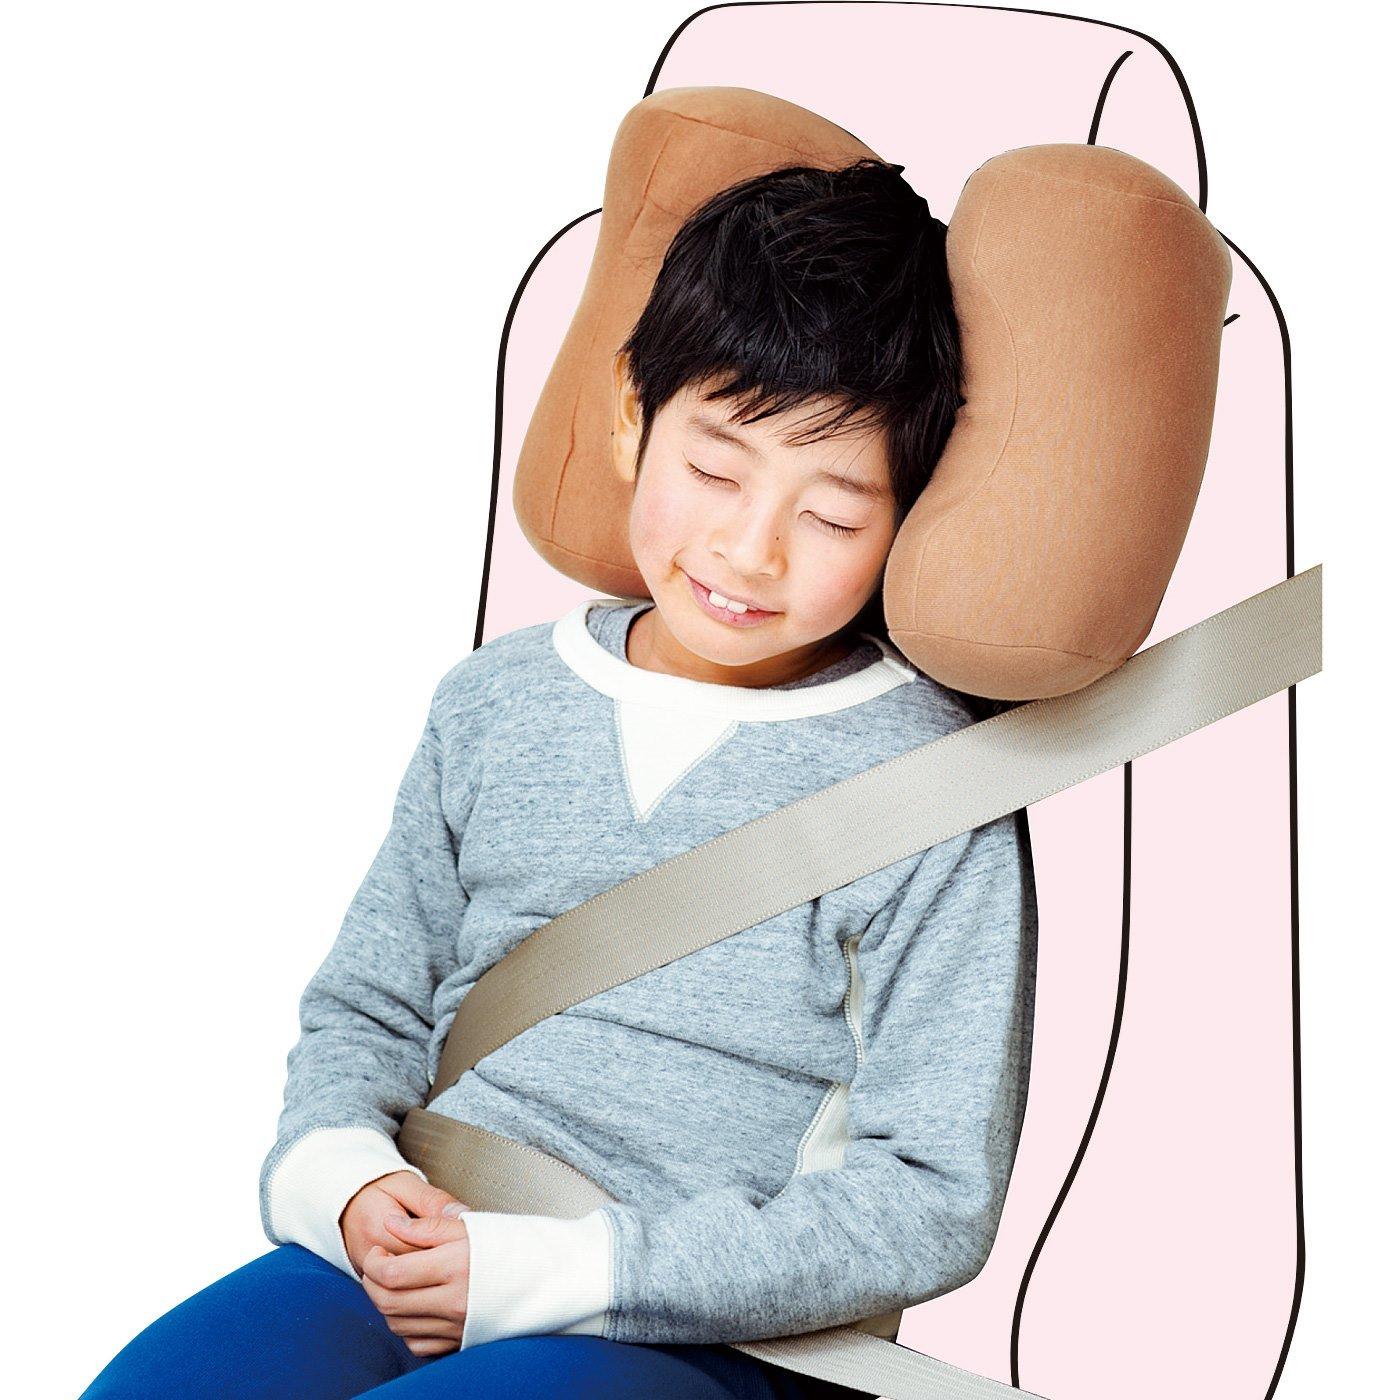 ファーストクラスみたいな寝心地 洗えるヘッドレスト枕の会